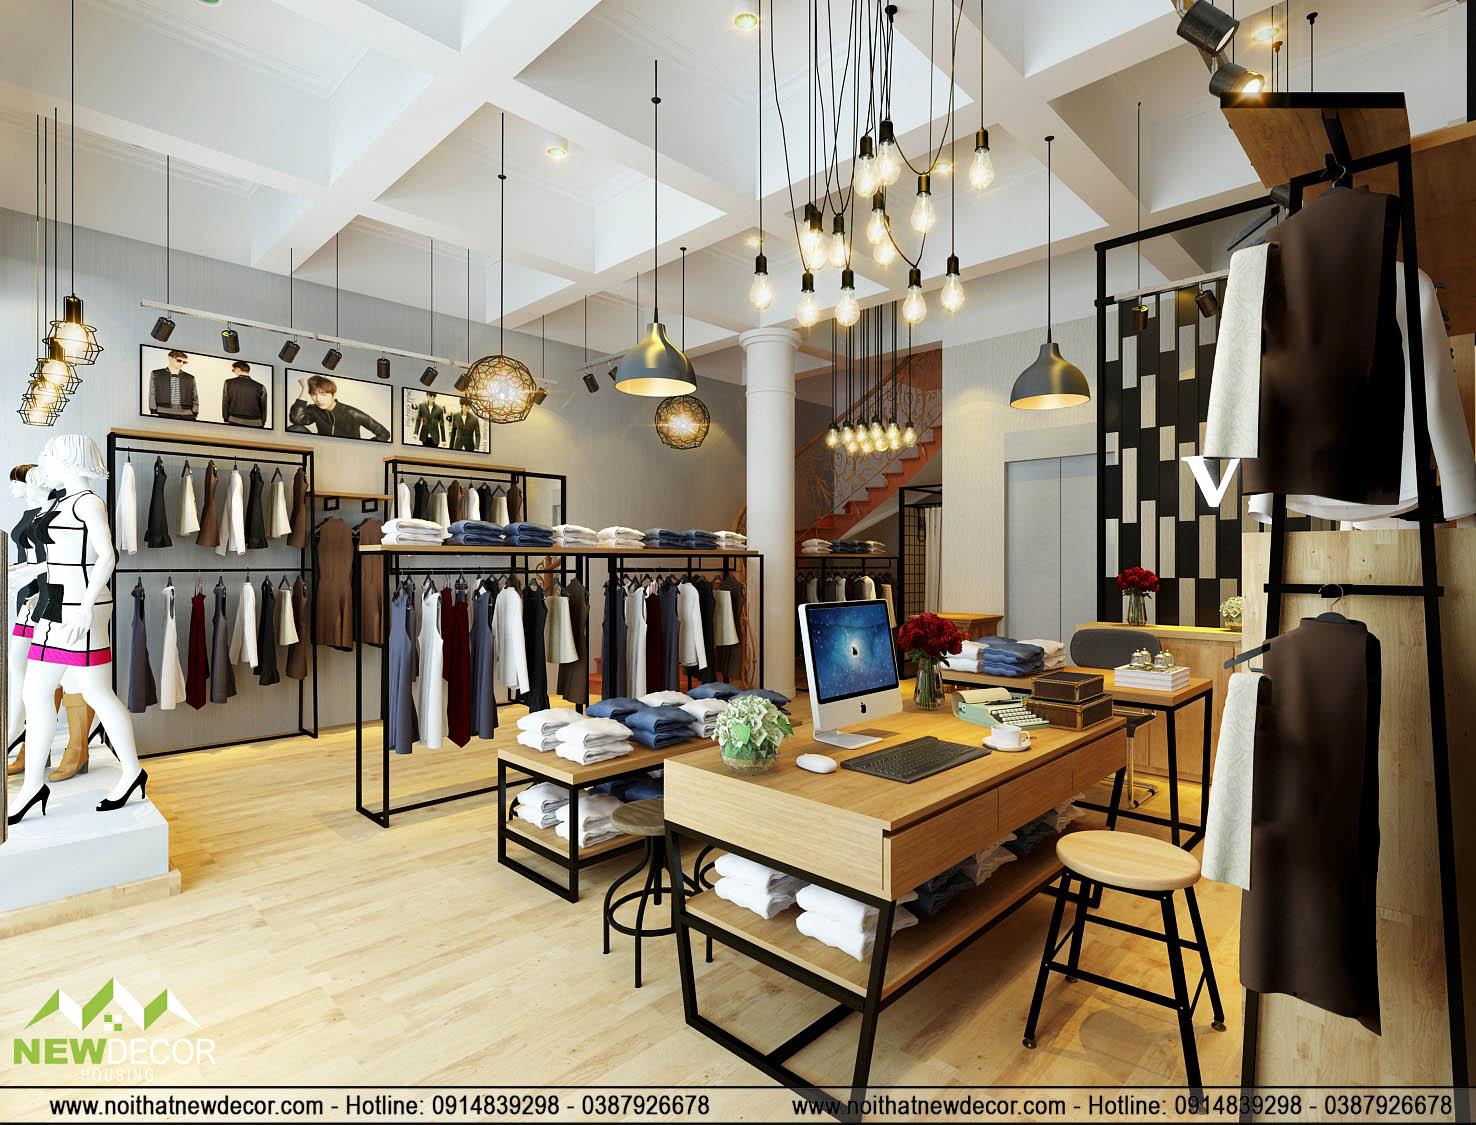 Thiết kế shop quần áo men với phong thay đồ kín đáo